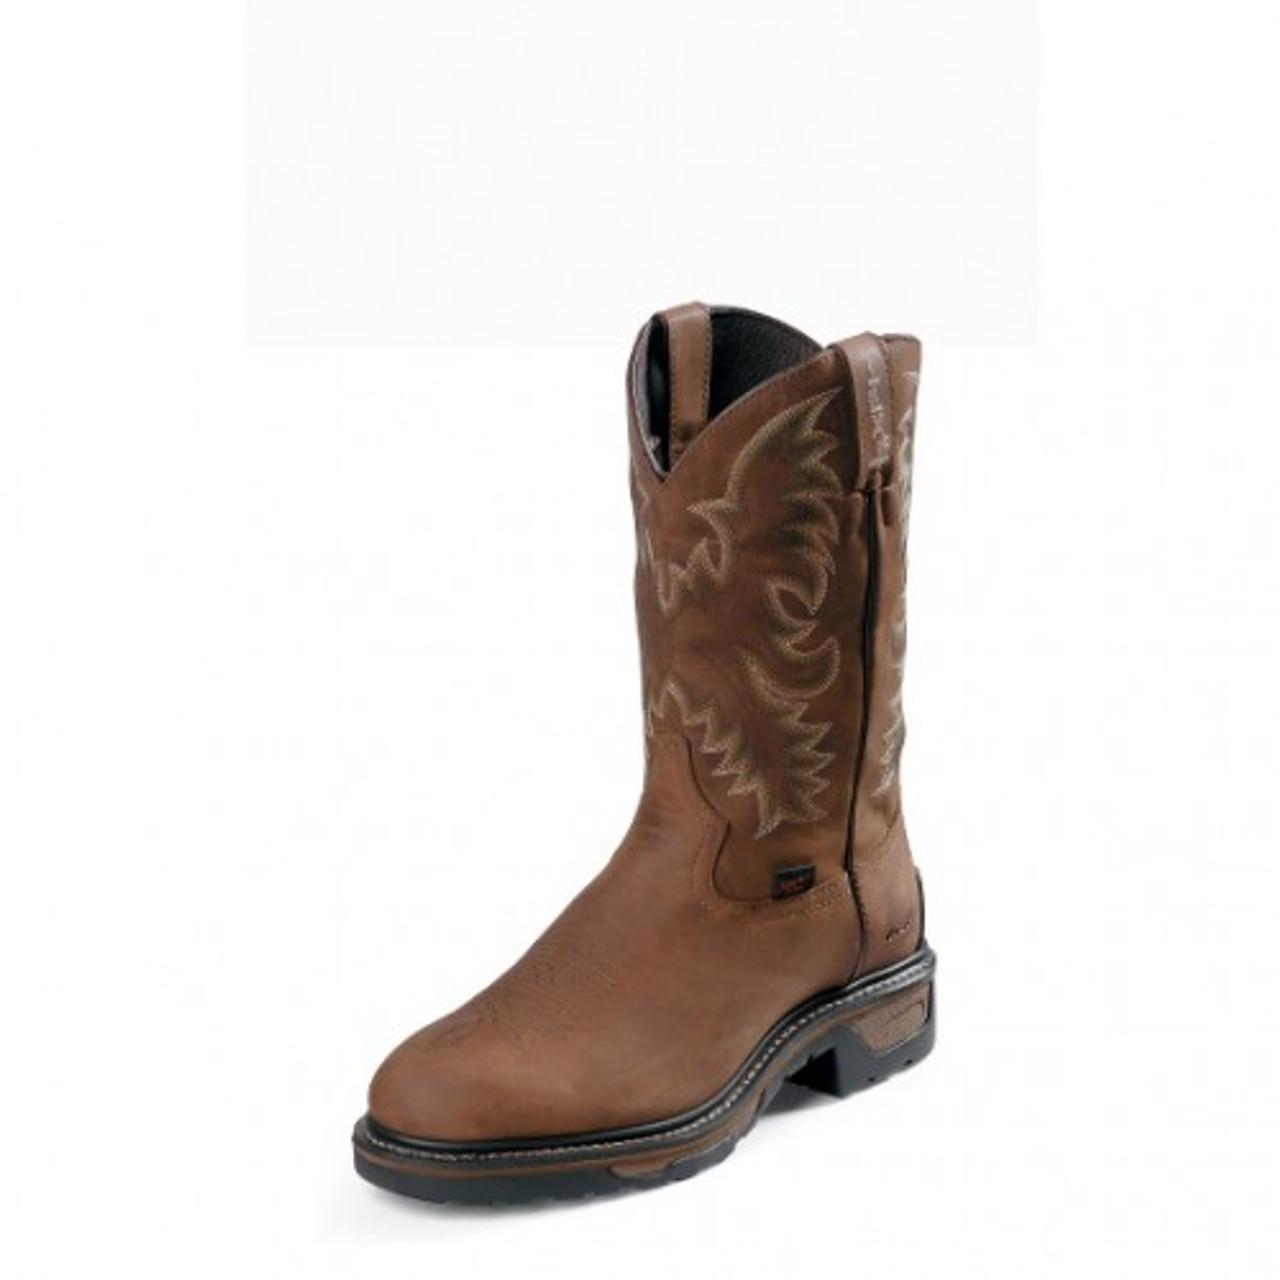 00e0f5abedd Tony Lama Men's TLX Western Work Boots - Panhandle - Tan Cheyenne  Waterproof w/ Steel Toe